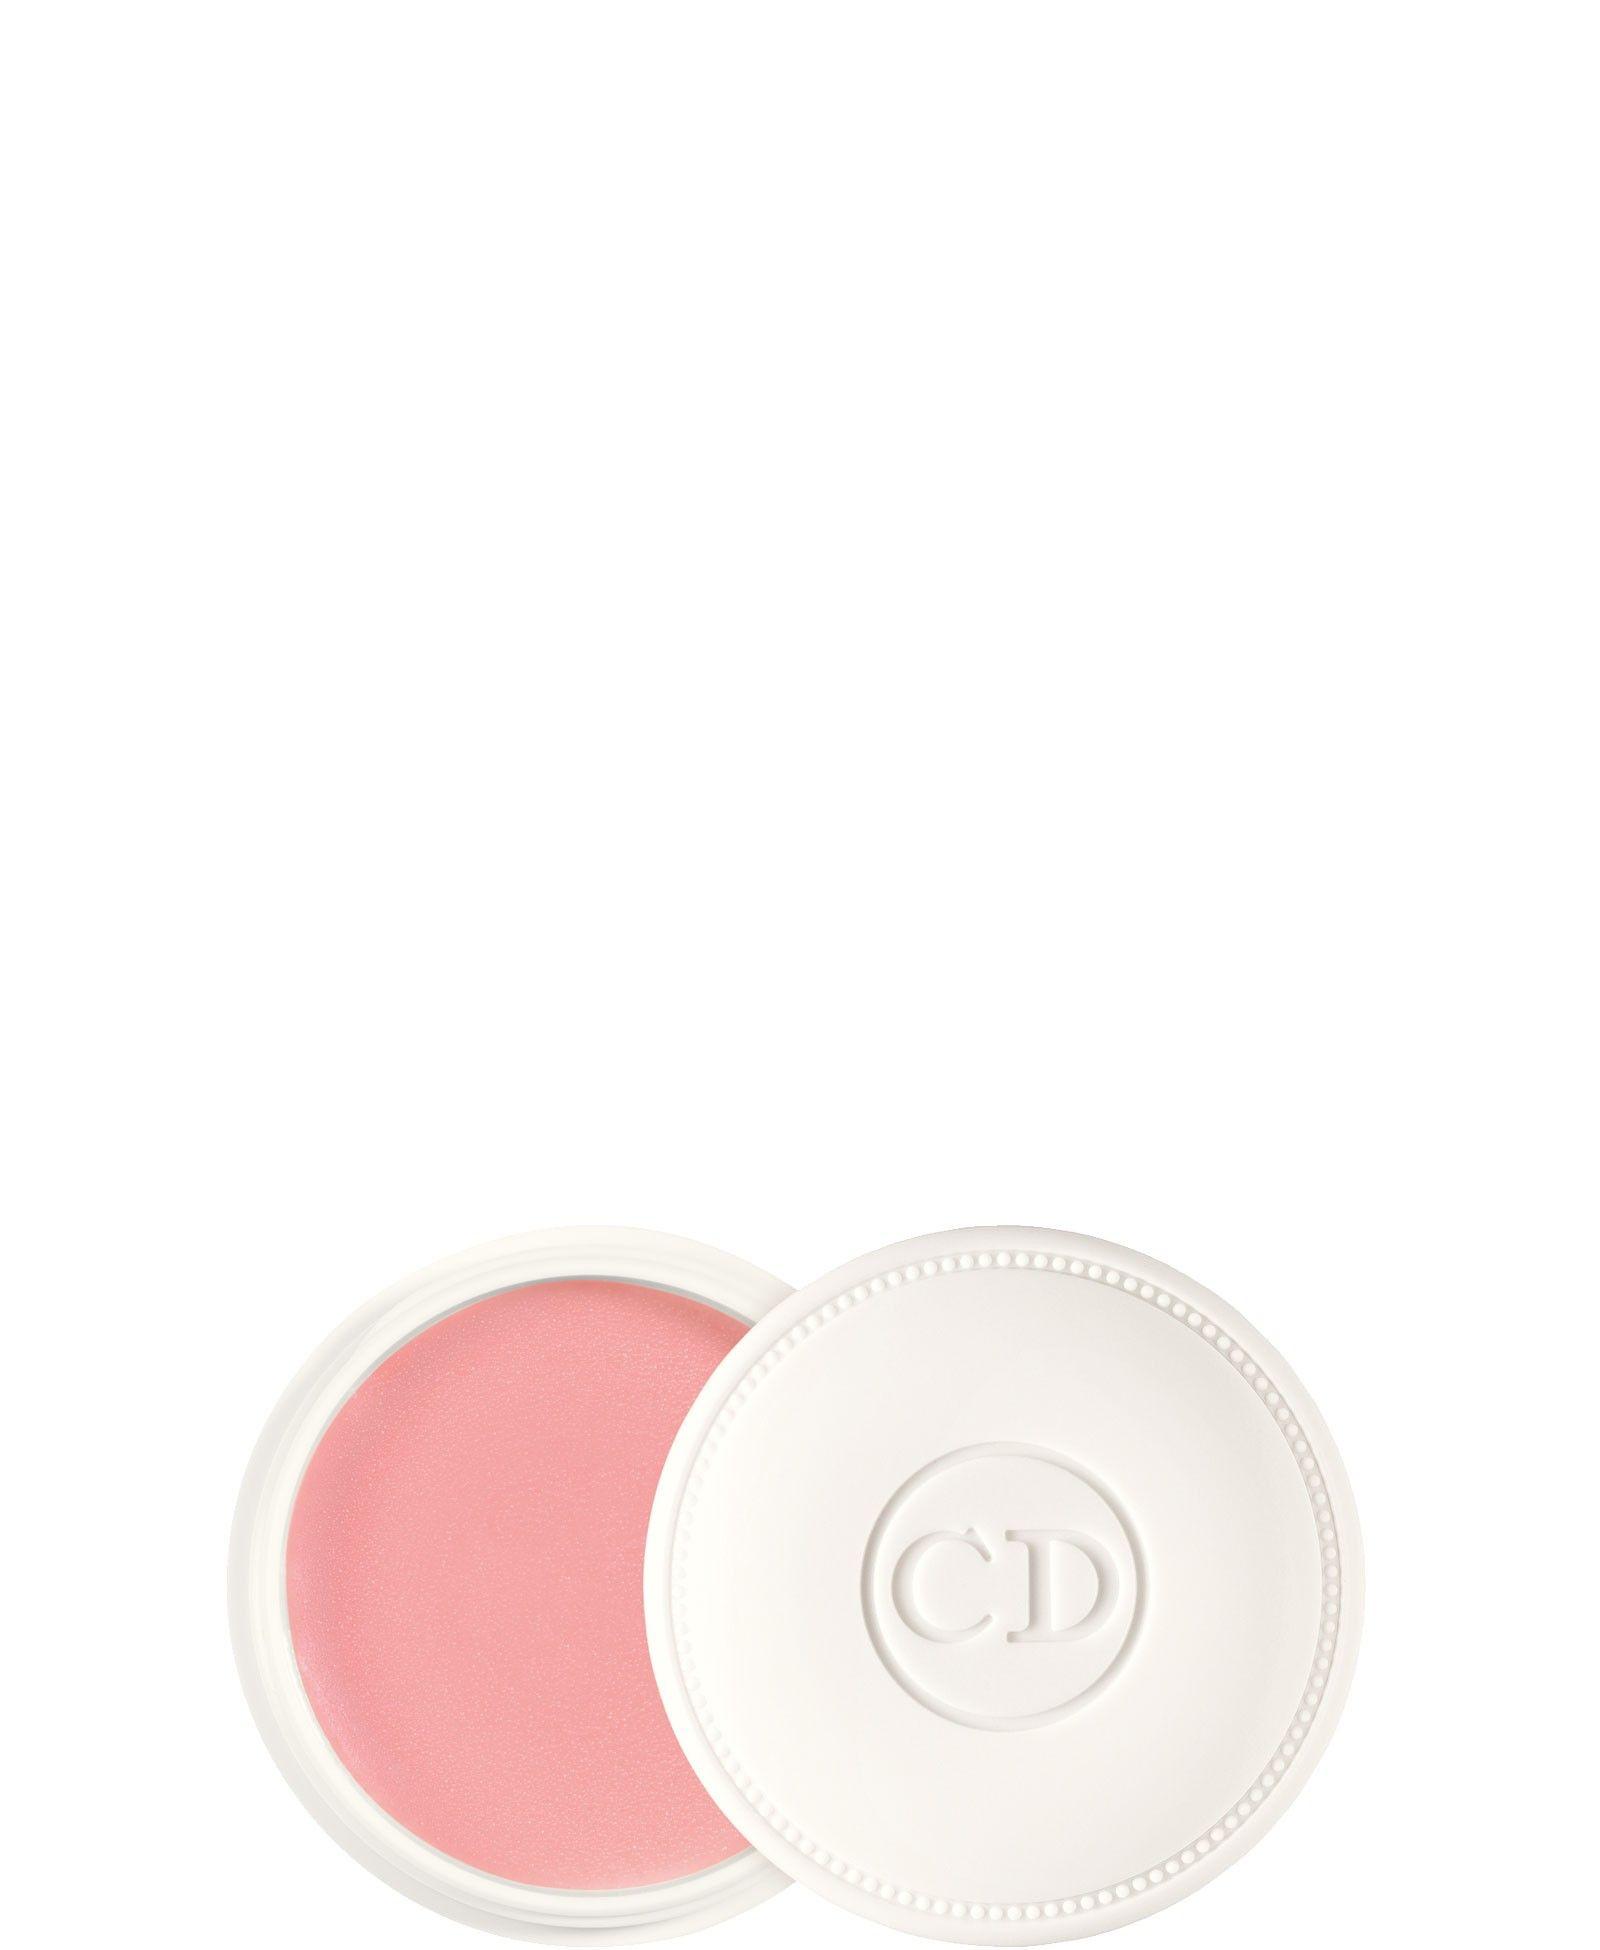 Creme Abricot Nagelpflege - Dior - Manicure | Handpflege | Pinterest ...